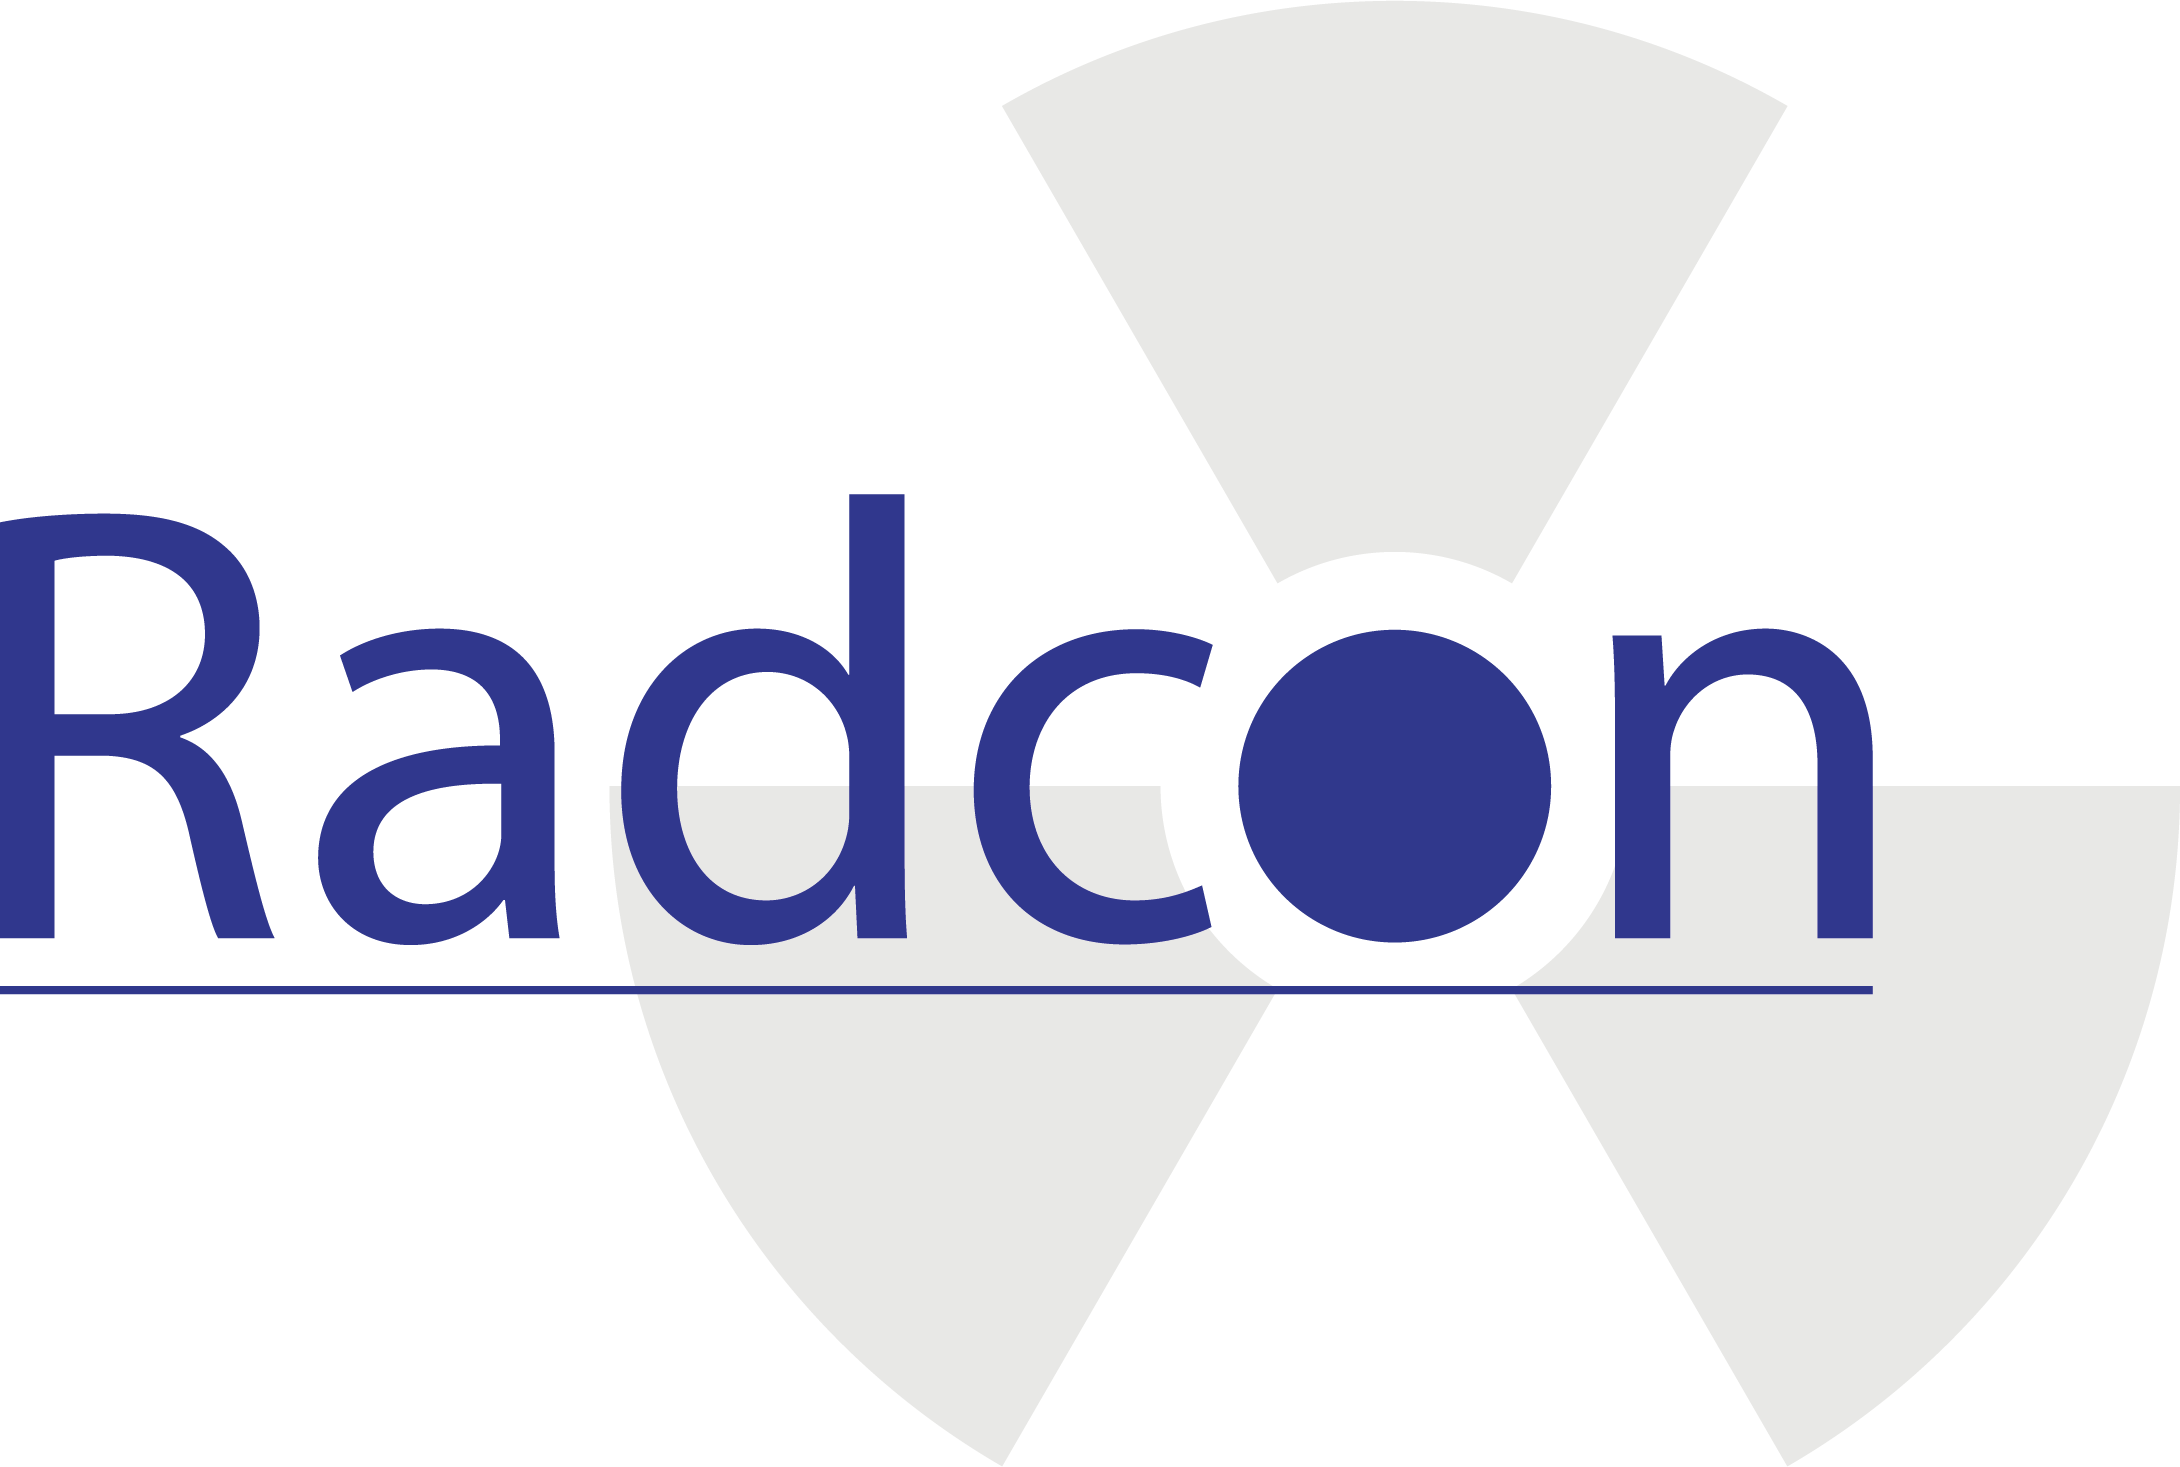 Radcon